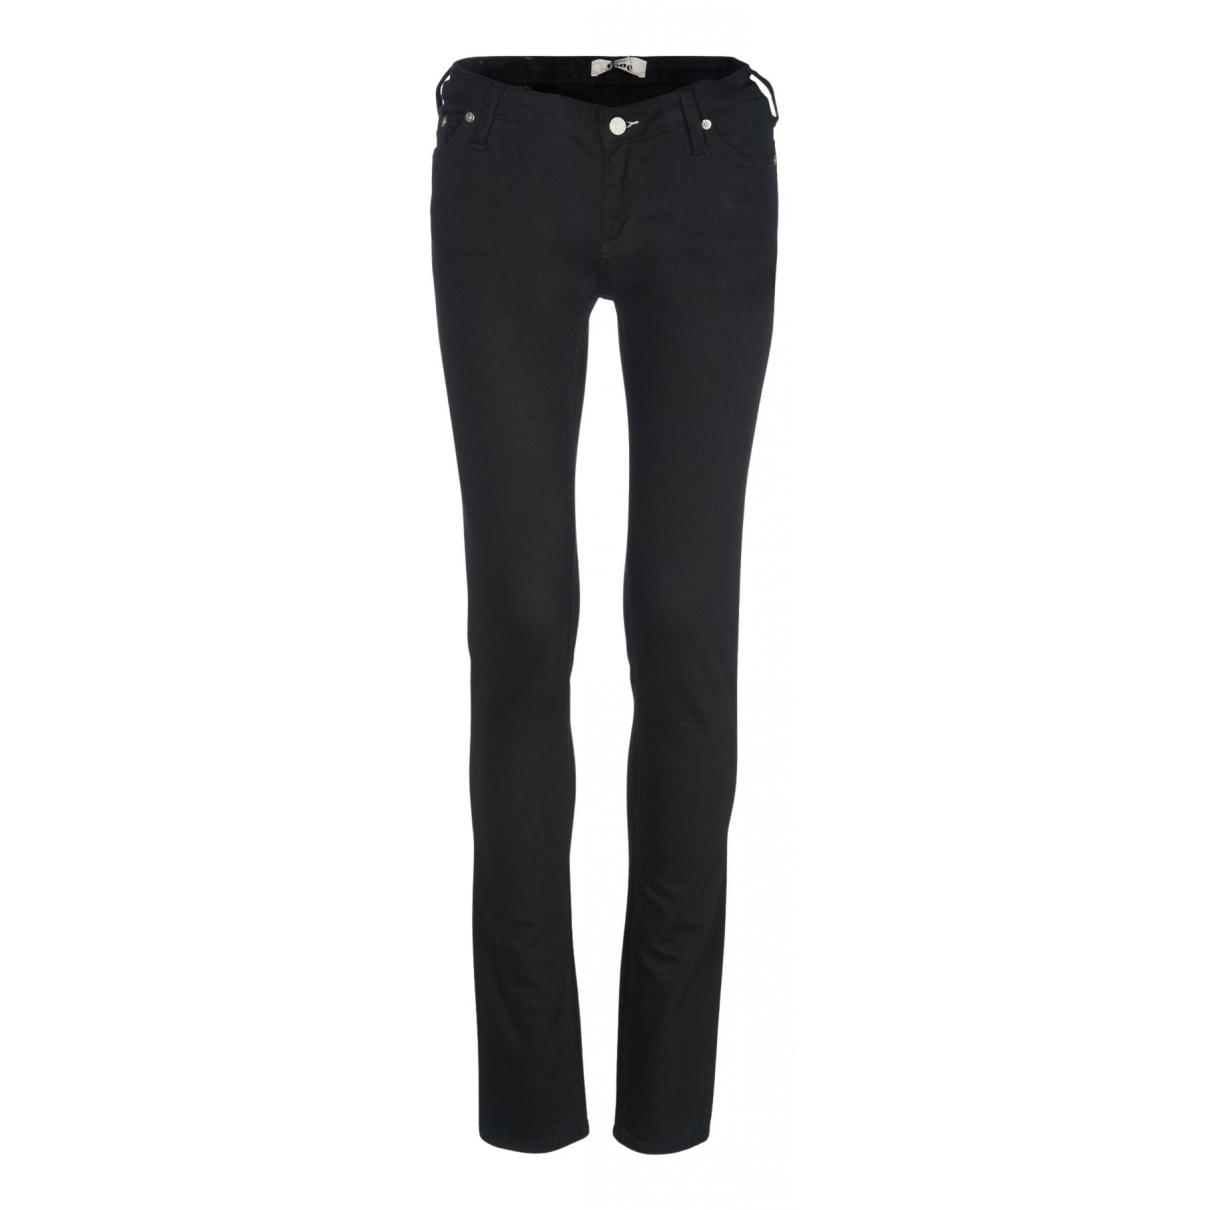 Acne Studios N Black Cotton Jeans for Women 22 US